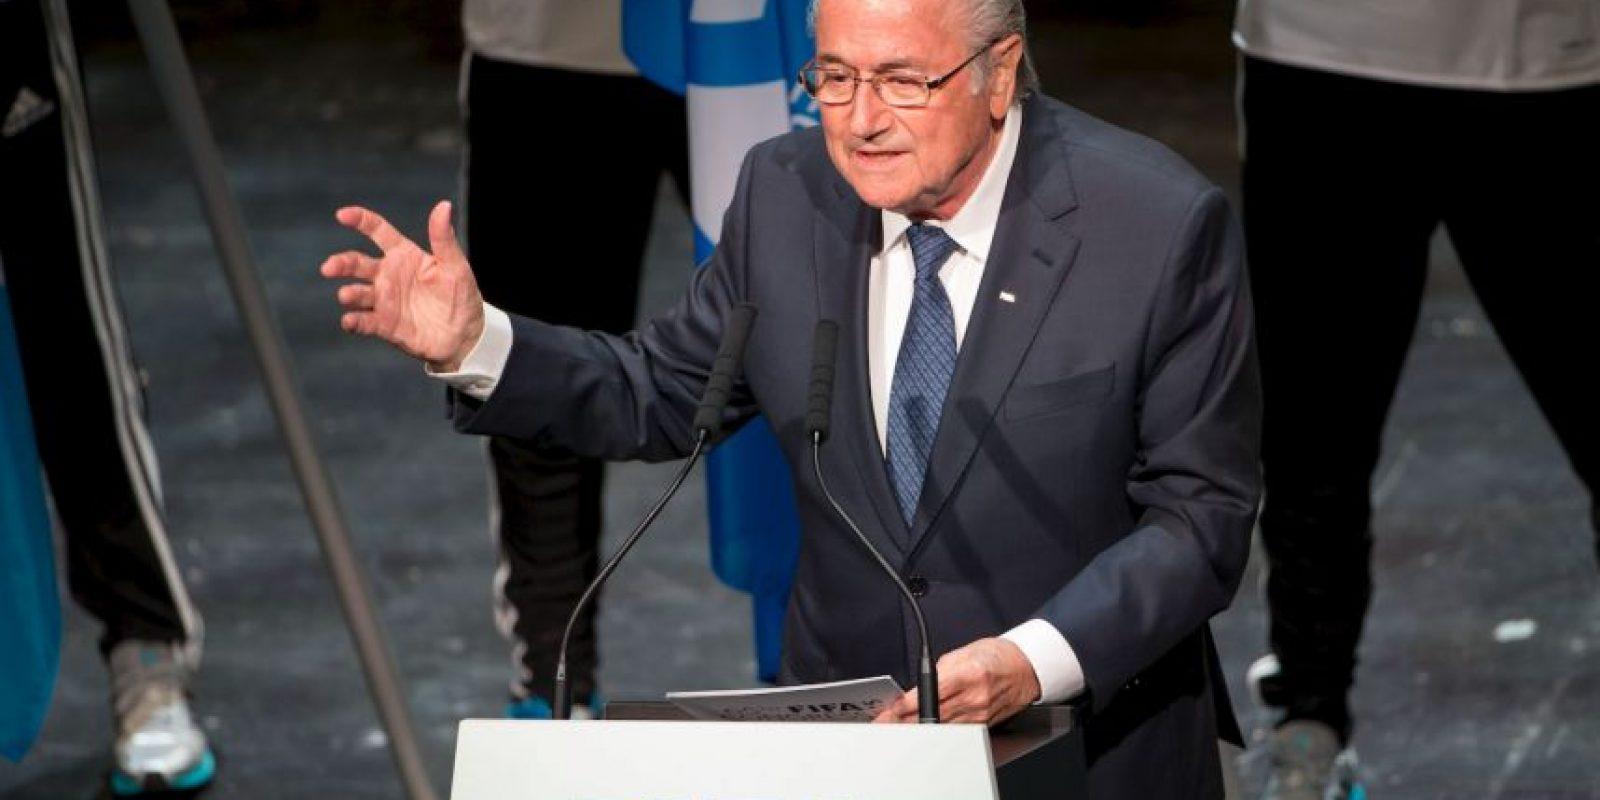 El suizo aseguró que se presentará a las elecciones del próximo 29 de mayo Foto:Getty Images